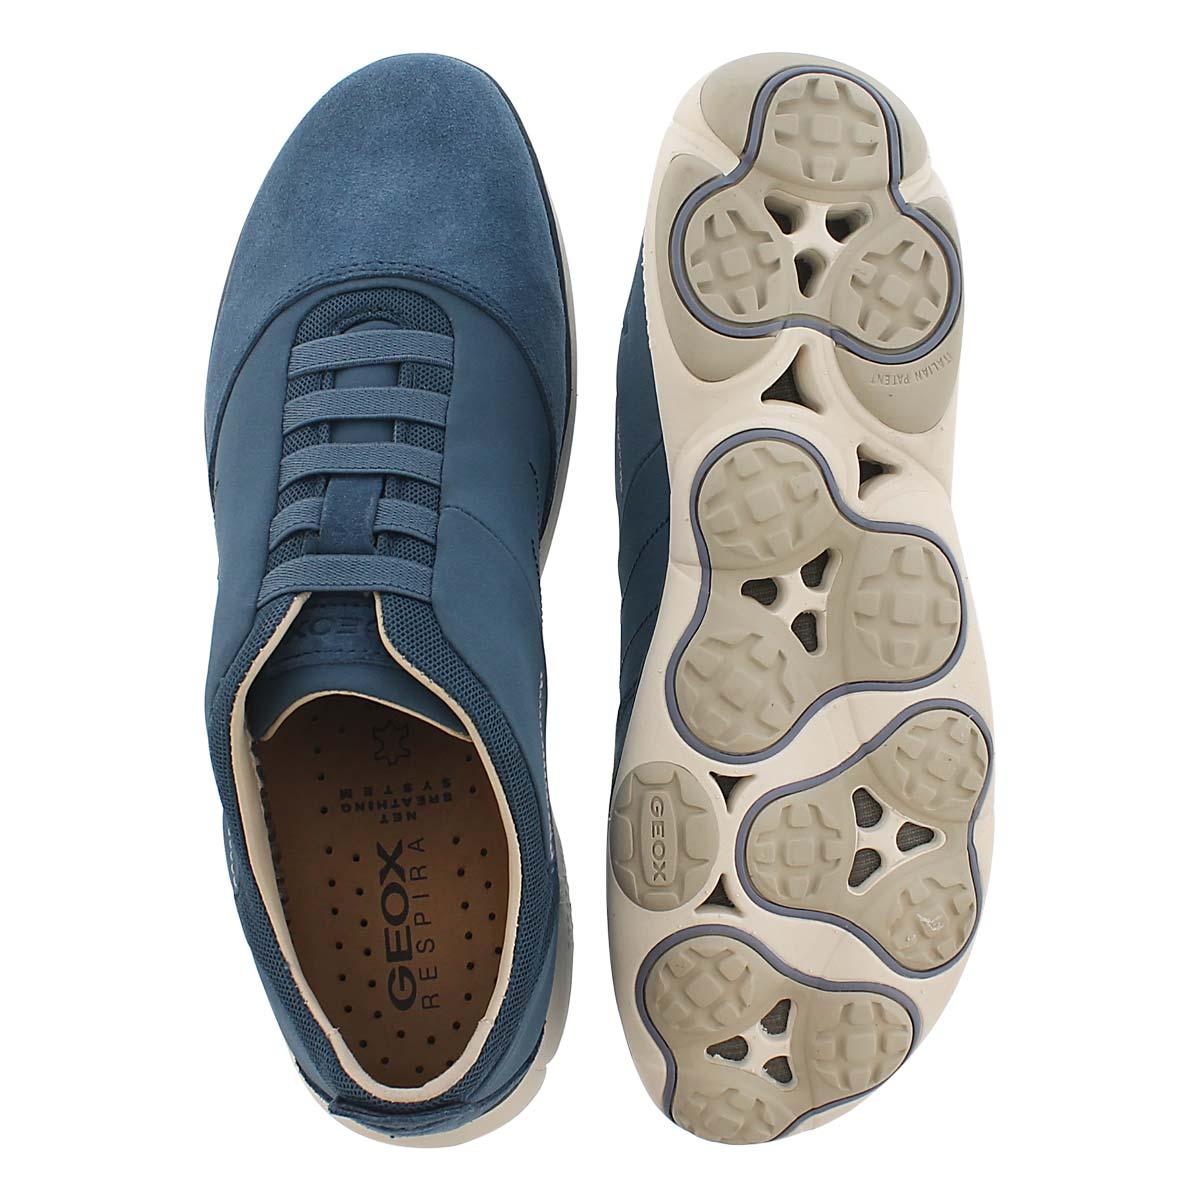 Mns Nebula avio lace up running shoe